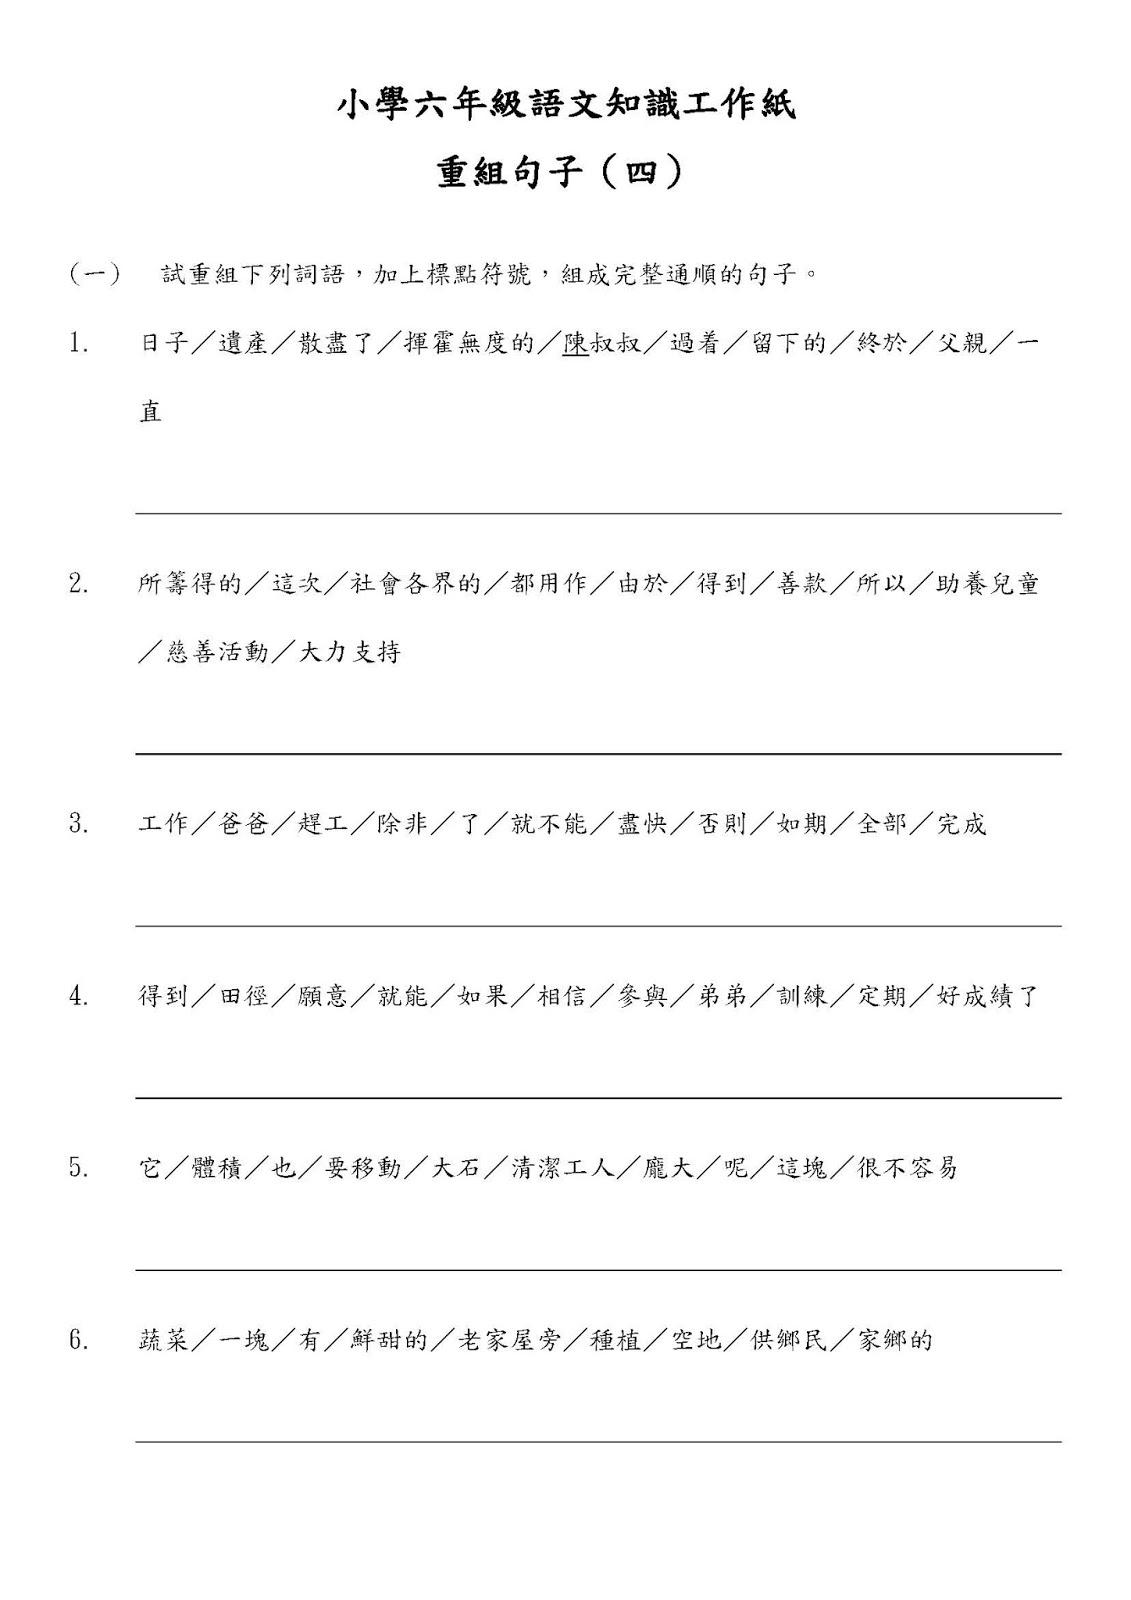 小六語文知識工作紙:重組句子(四)|中文工作紙|尤莉姐姐的反轉學堂